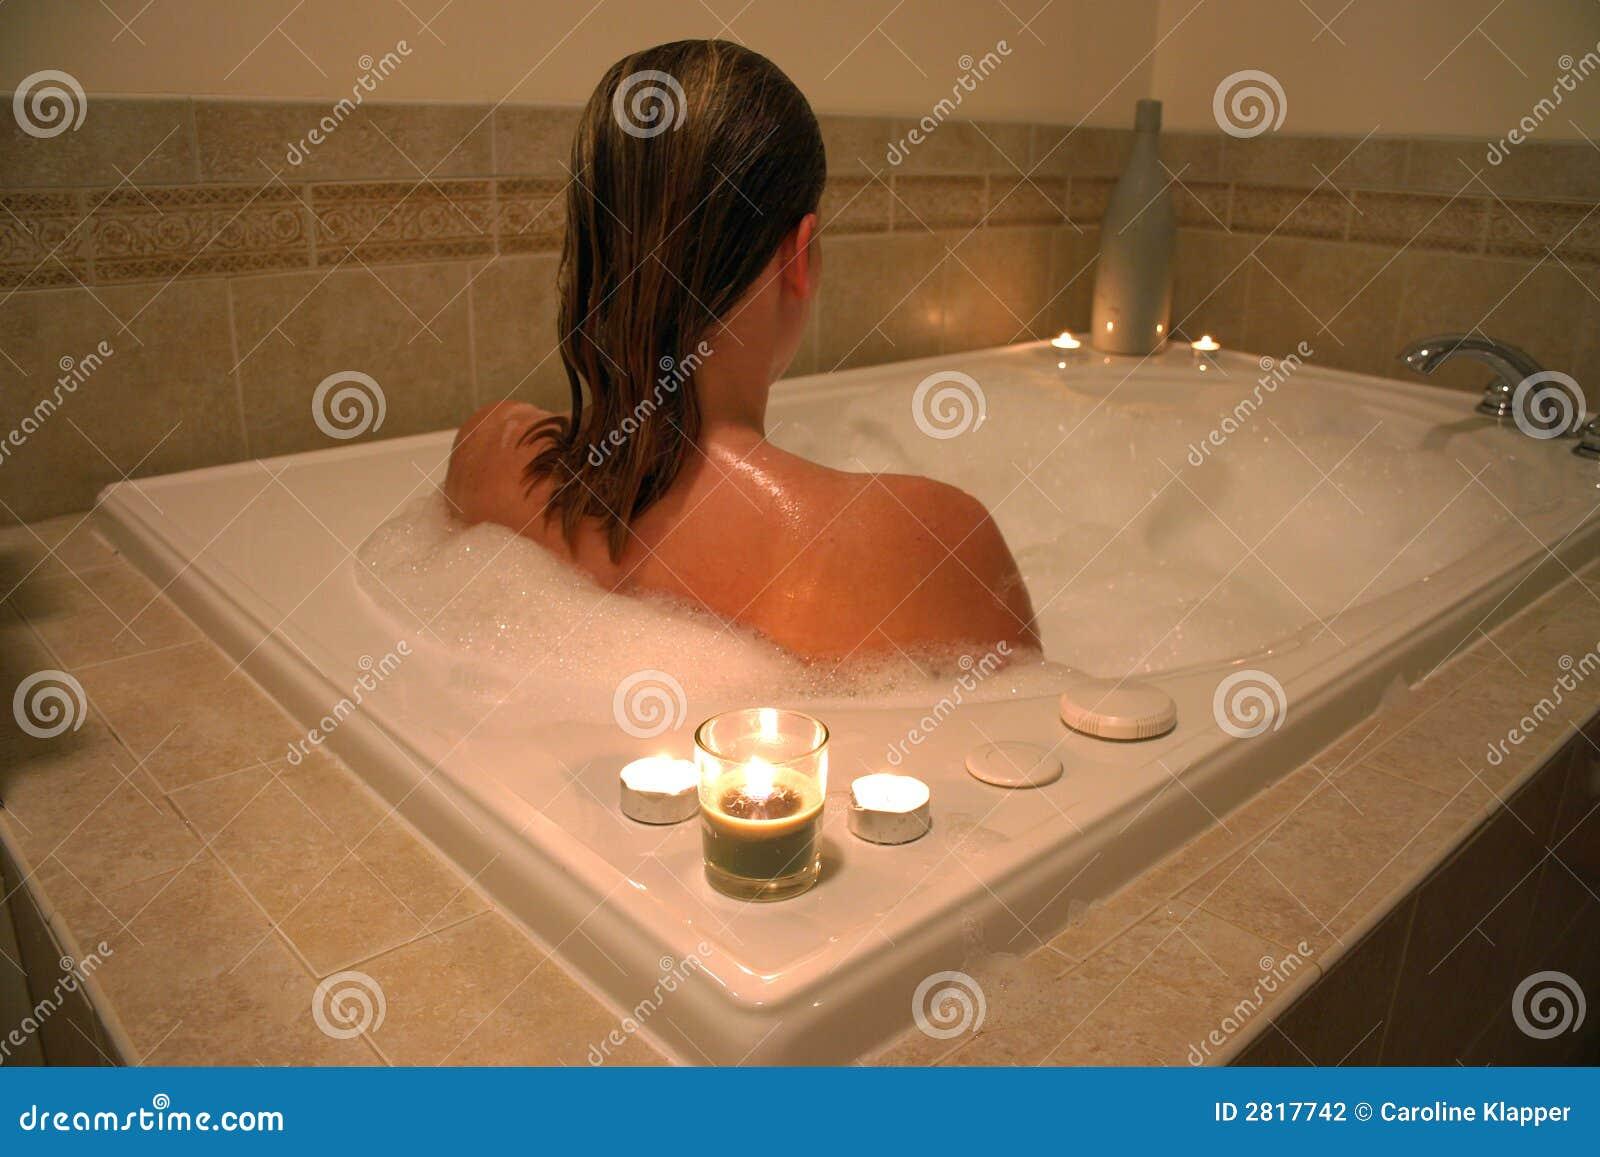 Смотреть бесплатно в онлайне как моются женщины, Эротика и порно, снятые в бане или в сауне смотреть 21 фотография